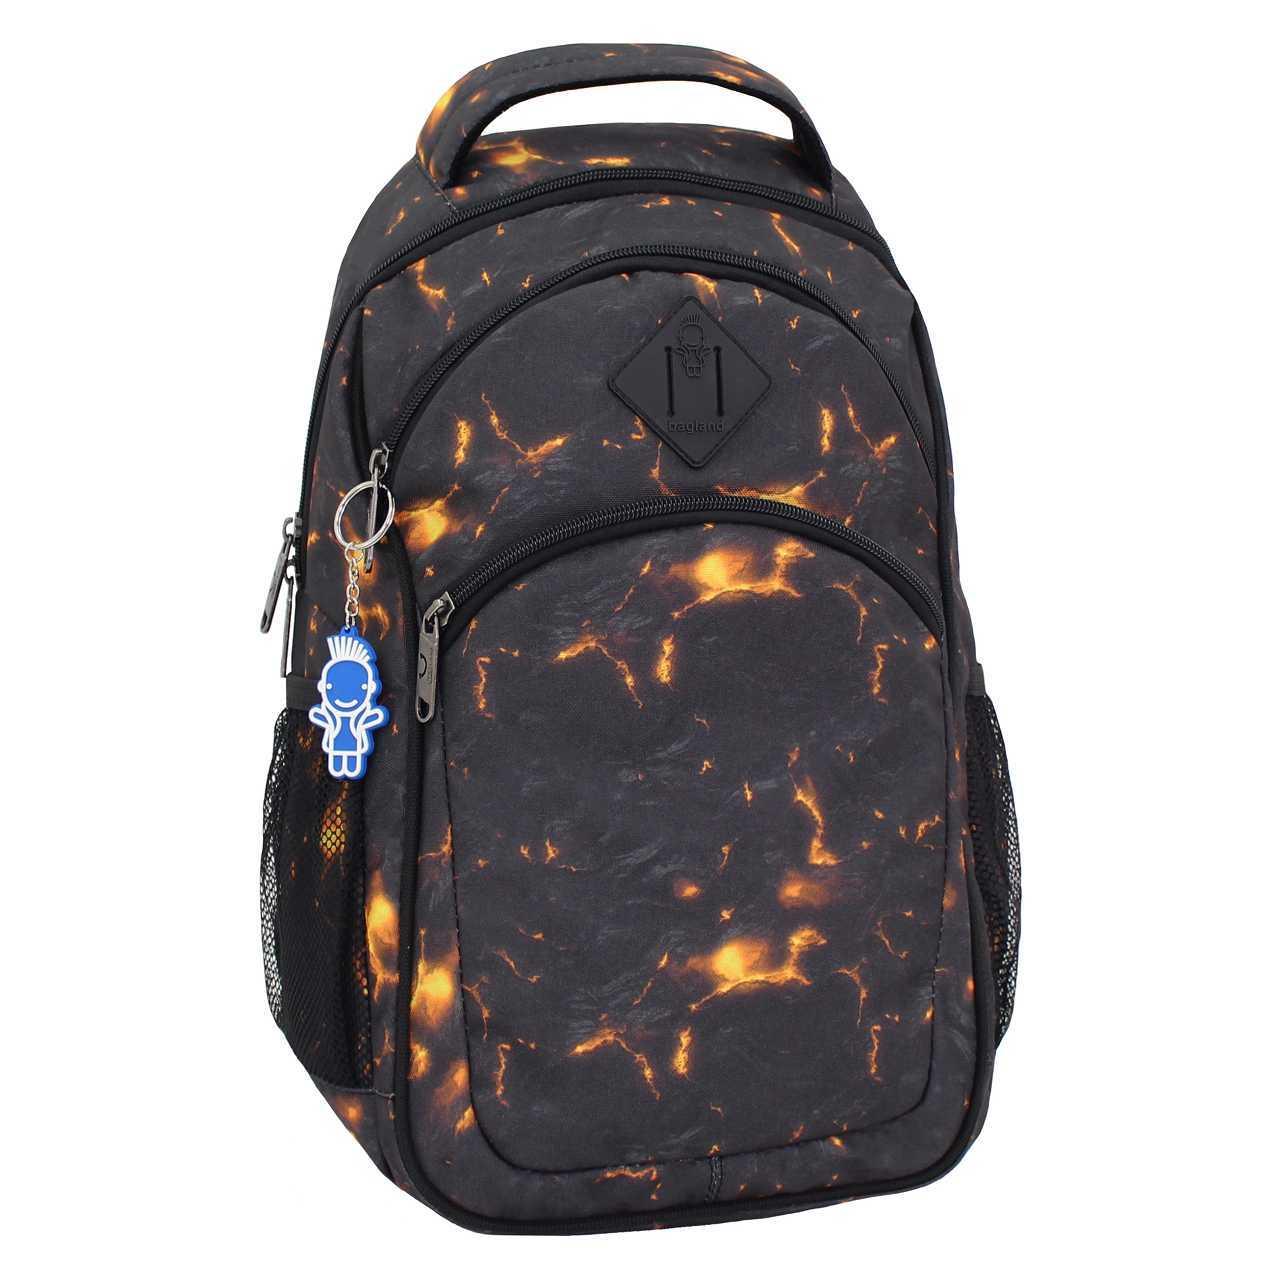 Городские рюкзаки Рюкзак Bagland Лик 21 л. сублимация (лава) (00557664) IMG_7675.jpg